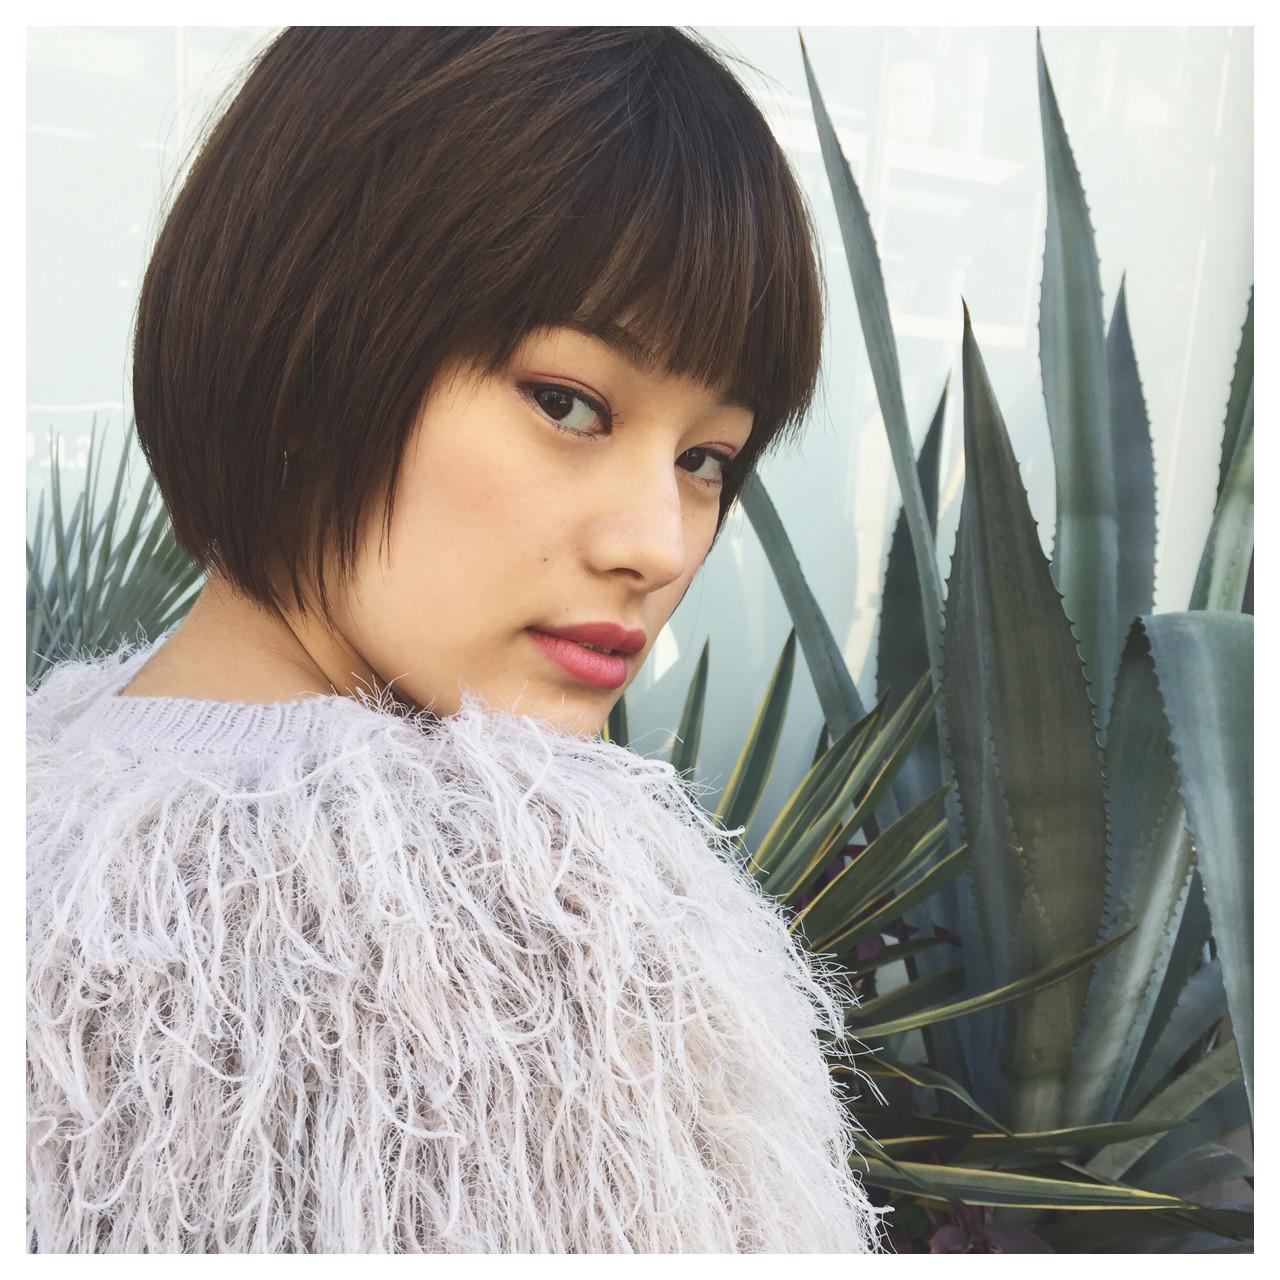 かっこいい 本田翼 ナチュラル オルチャン ヘアスタイルや髪型の写真・画像   Nari46 / tricca DAIKANYAMA